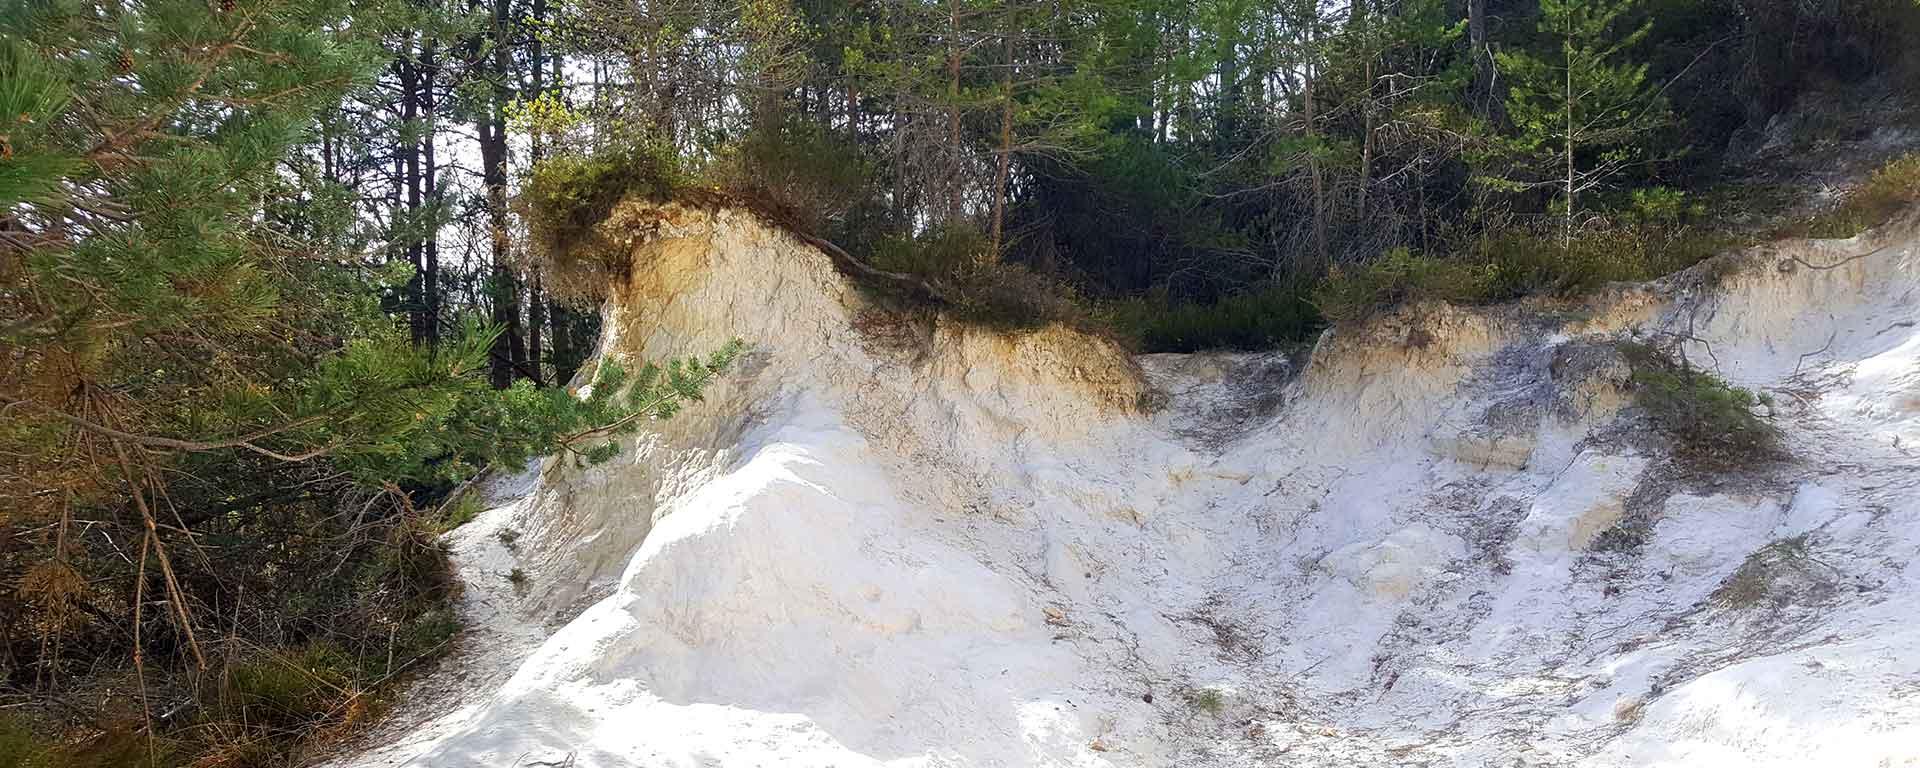 Carrière de sable blanc de la forêt de Saoû.